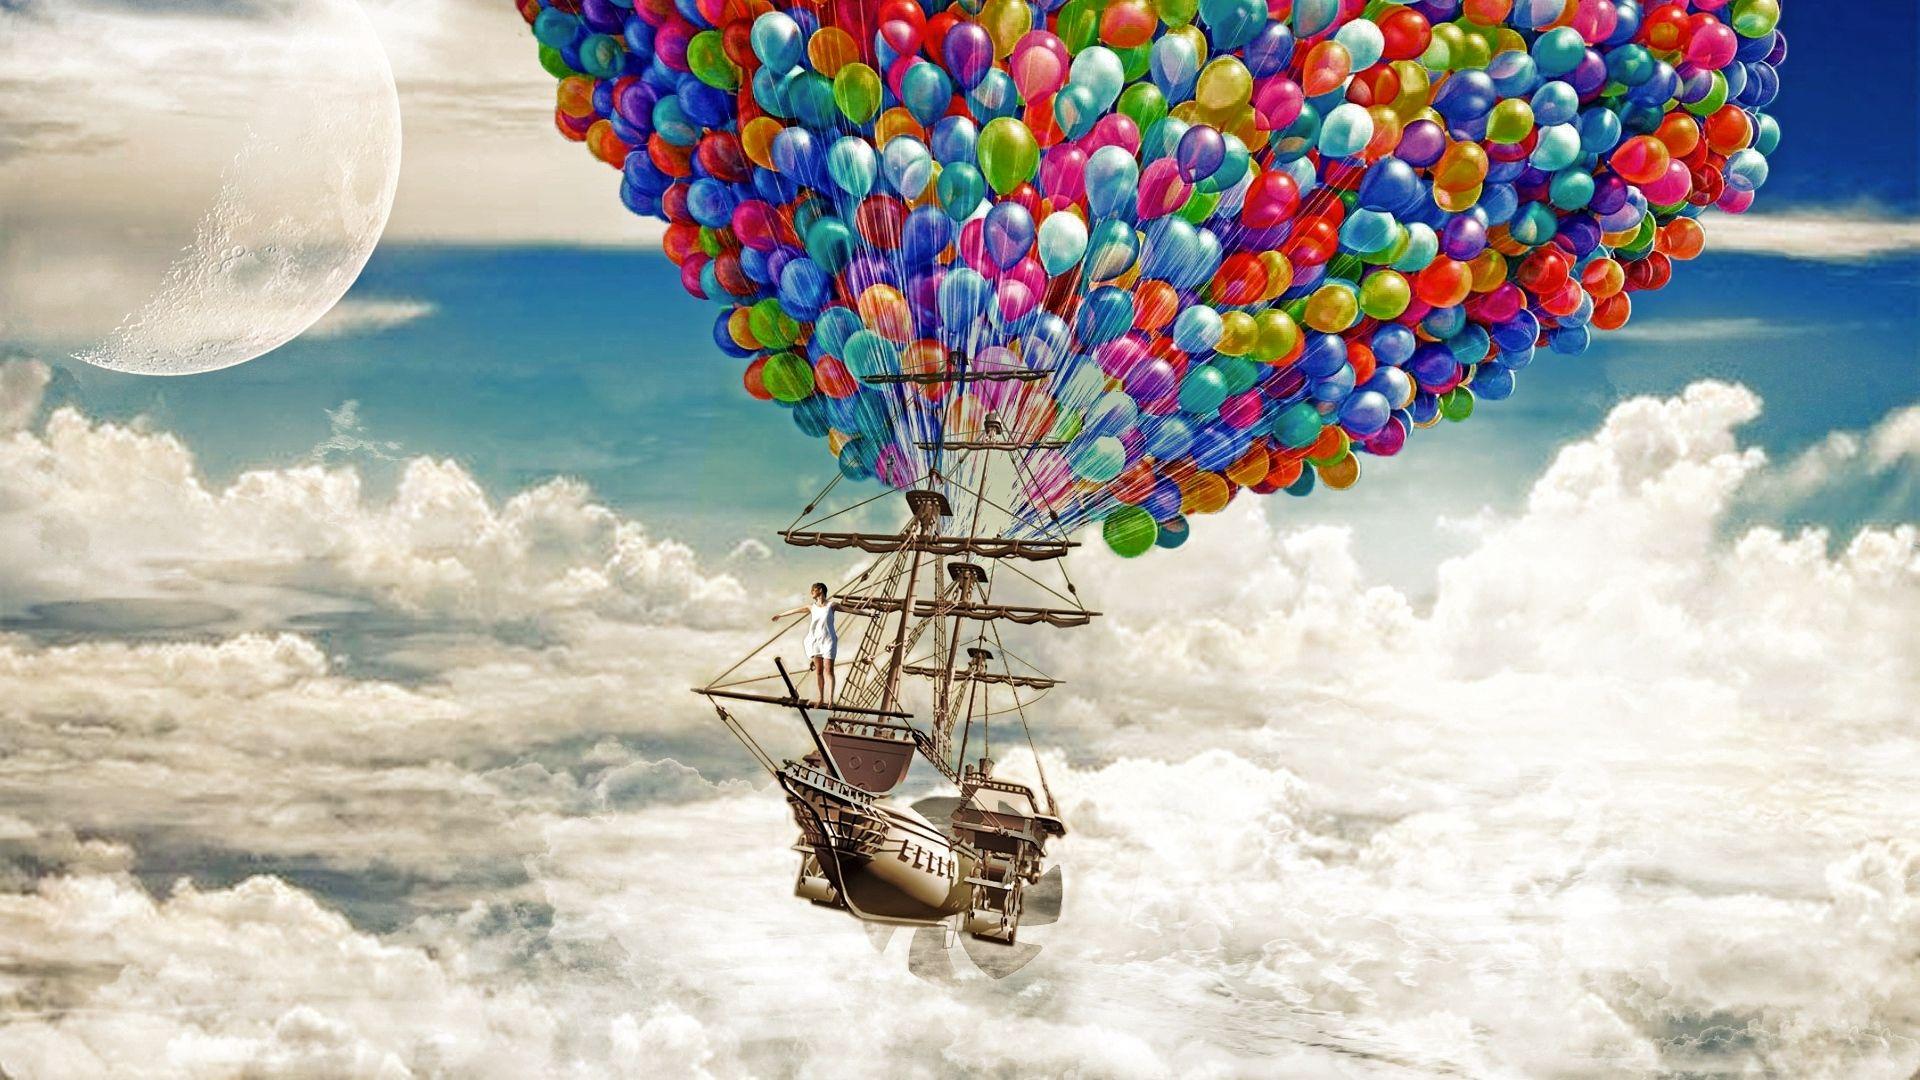 ship sky balloons 1920x1080